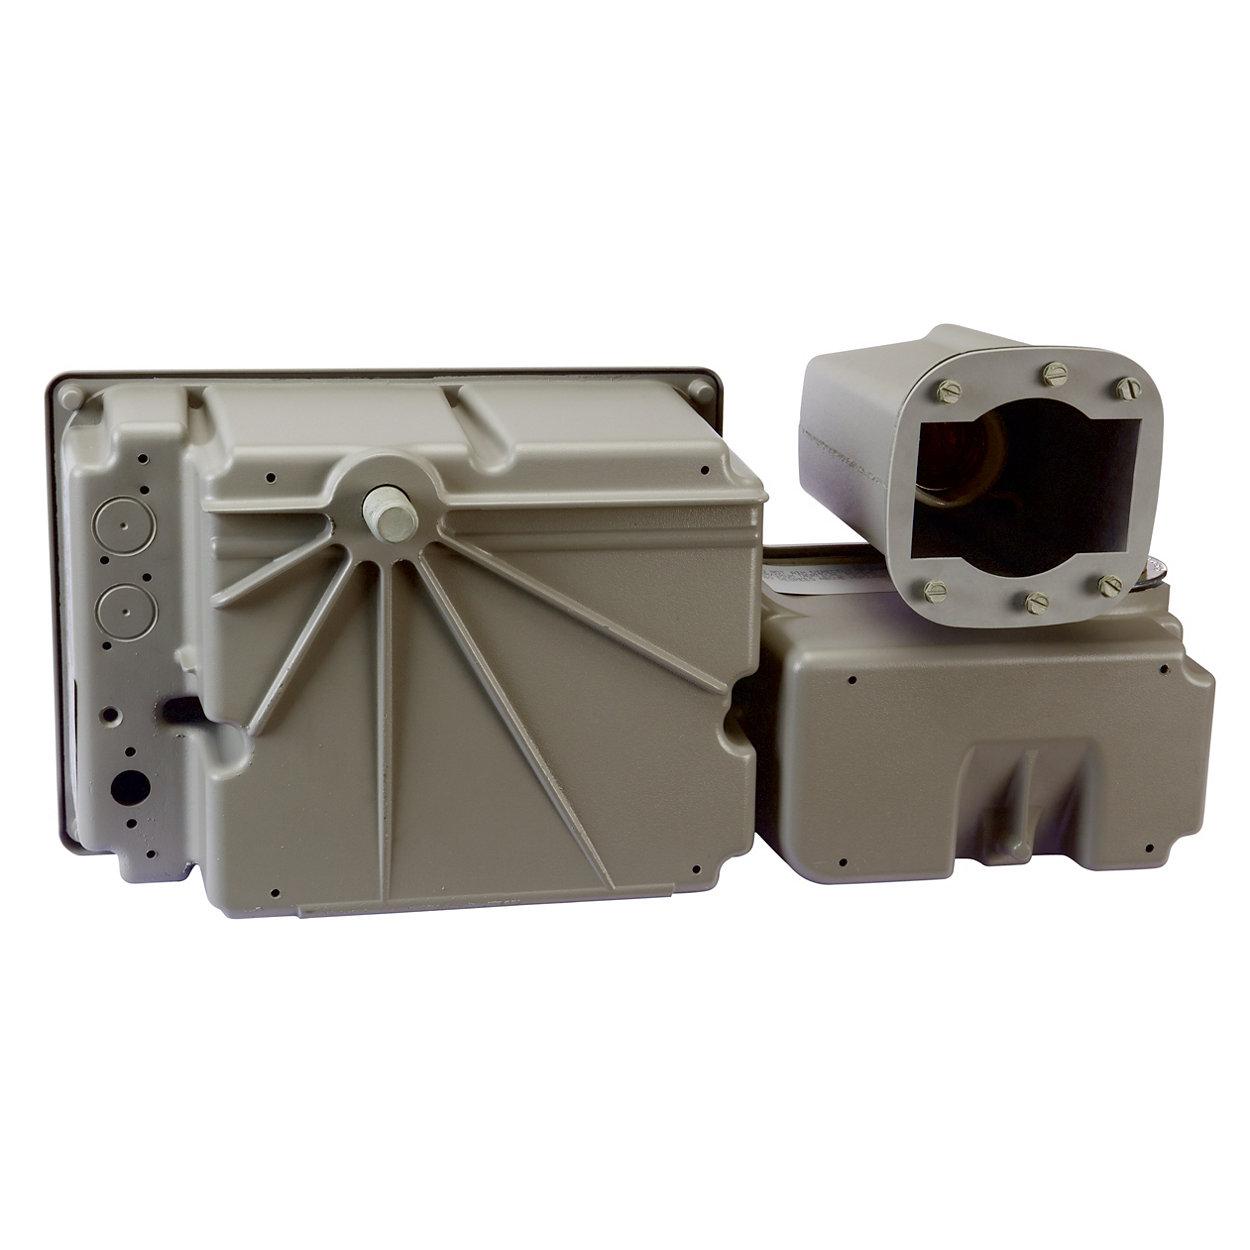 ZVP358 - Segurança e Desempenho